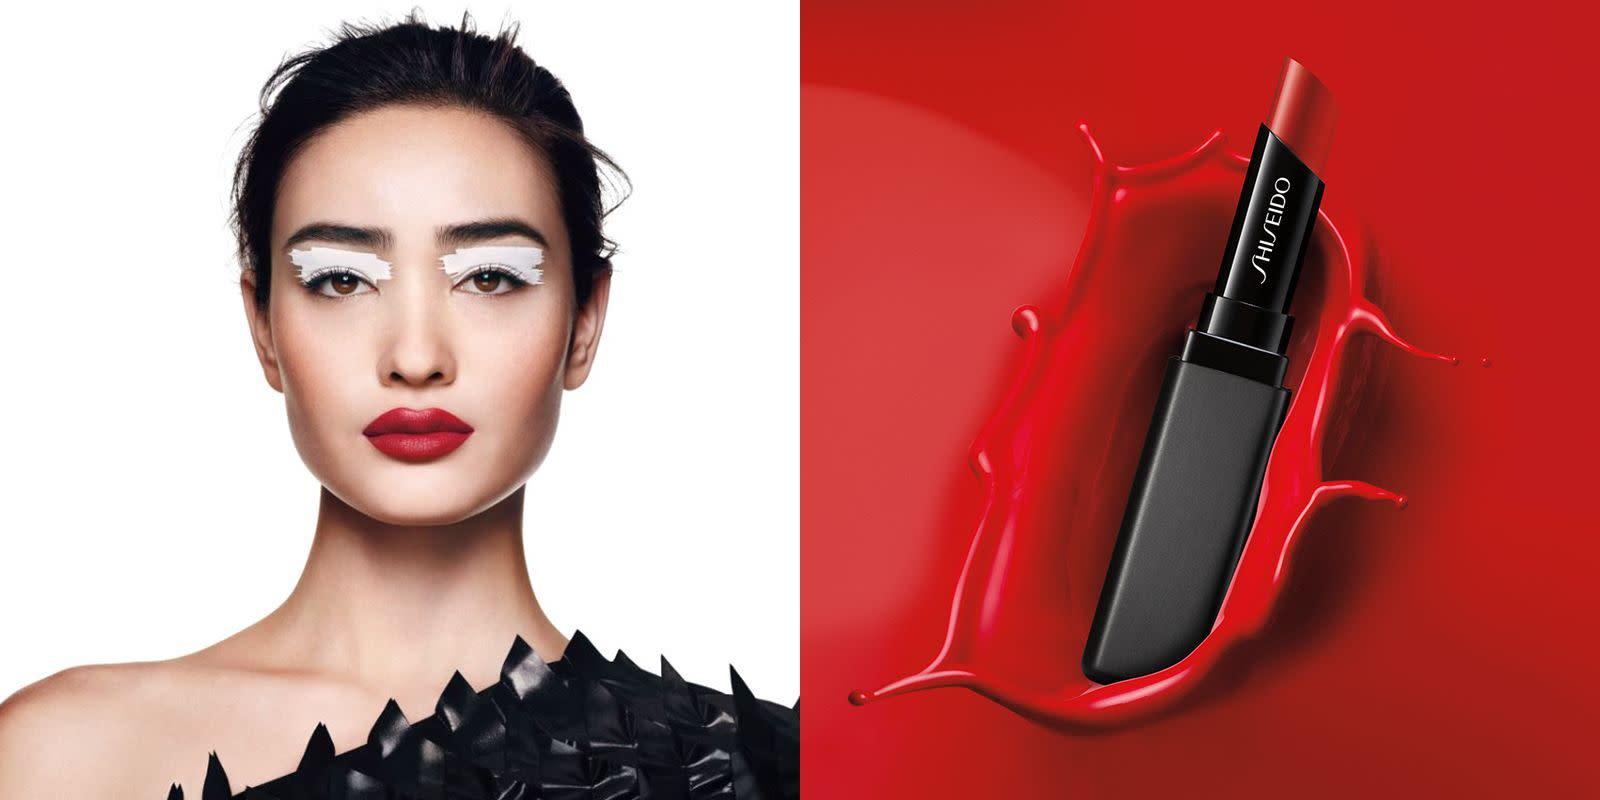 專業彩妝師、網紅潮模集體洗版! SHISEIDO MAKEUP 資生堂玩色革命,唇膏控絕對必收!